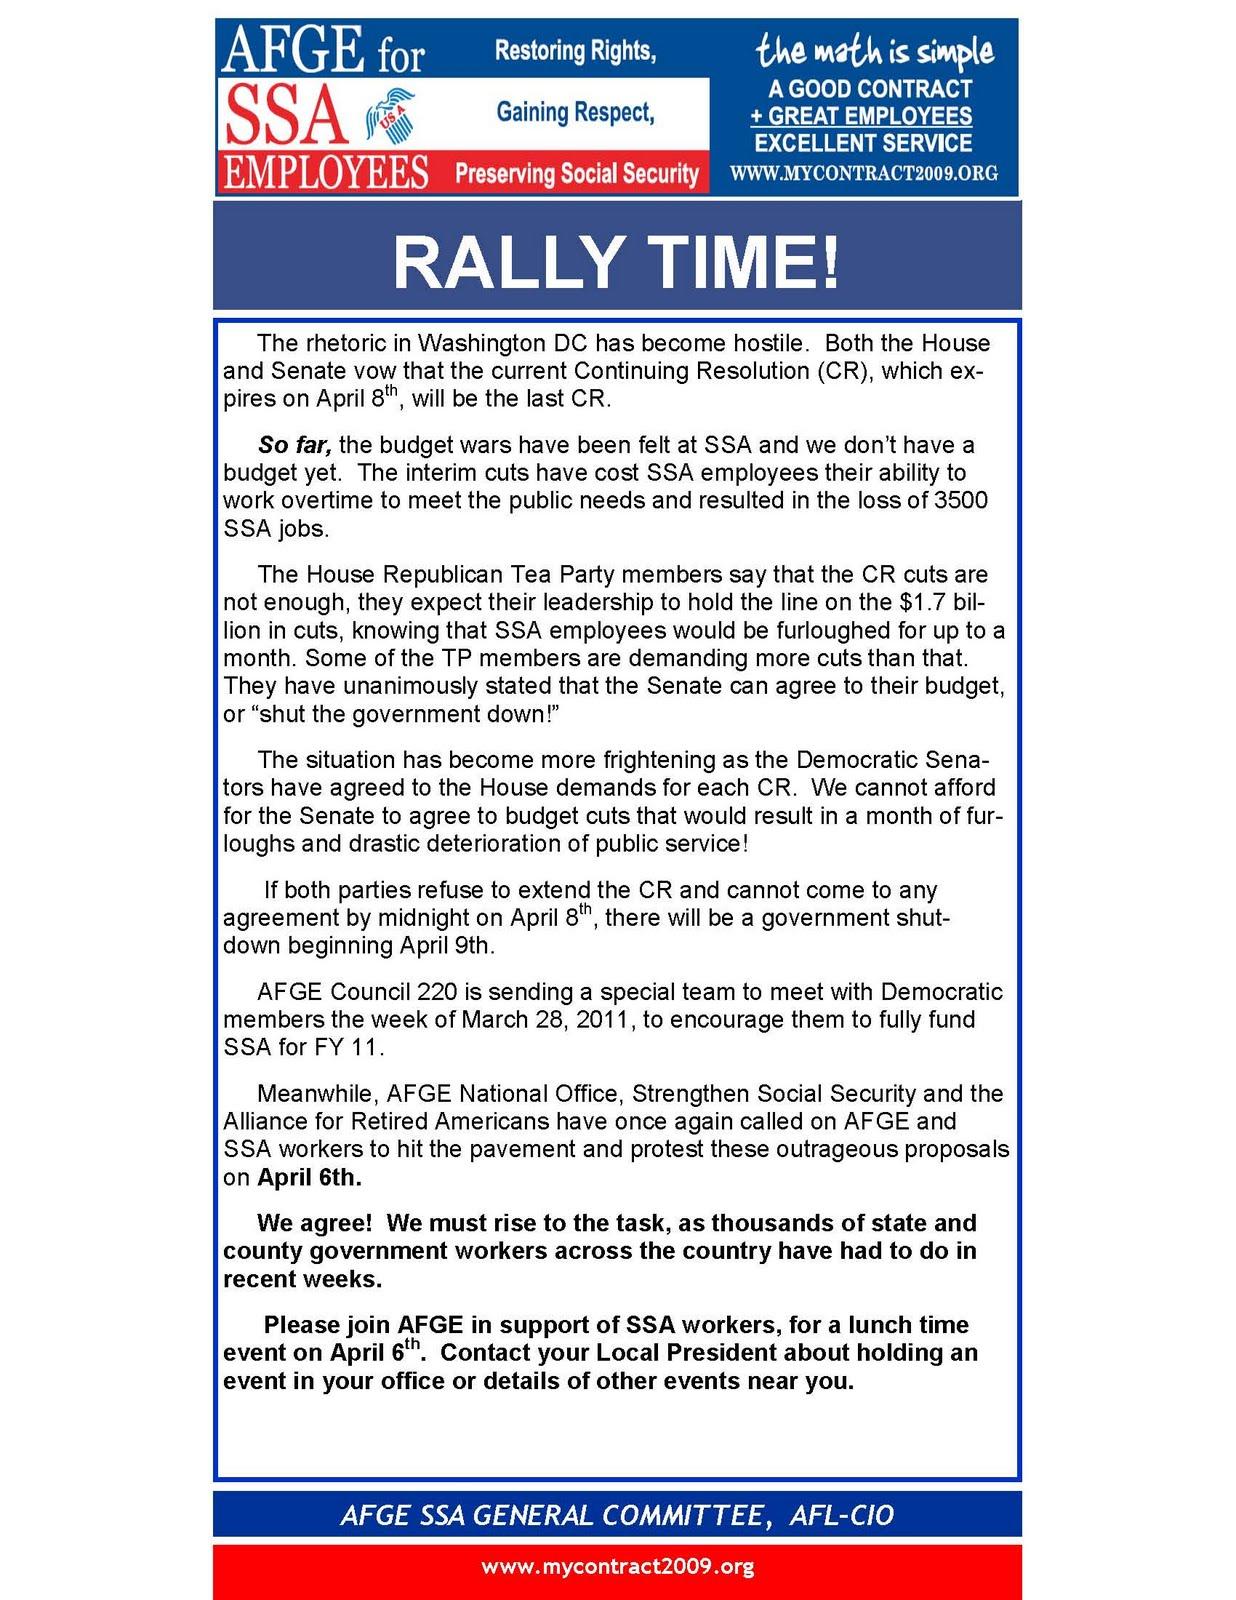 Social Security News: AFGE Plans Rallies On Budget